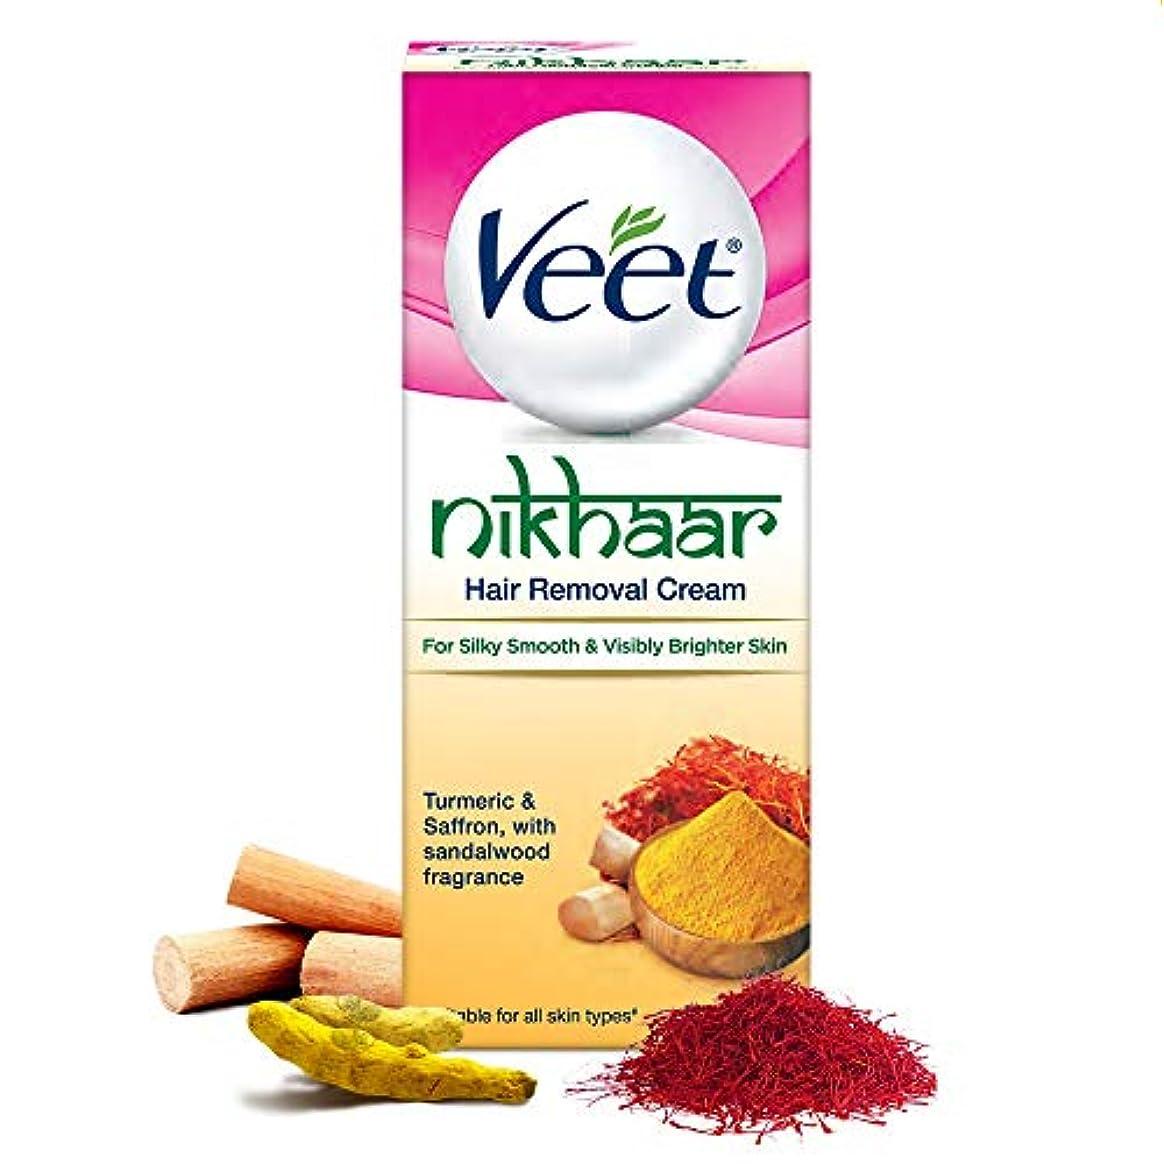 チャンス抵抗力があるパンサーVeet Nikhaar Hair Removal Cream for All Skin Types, 50g - India